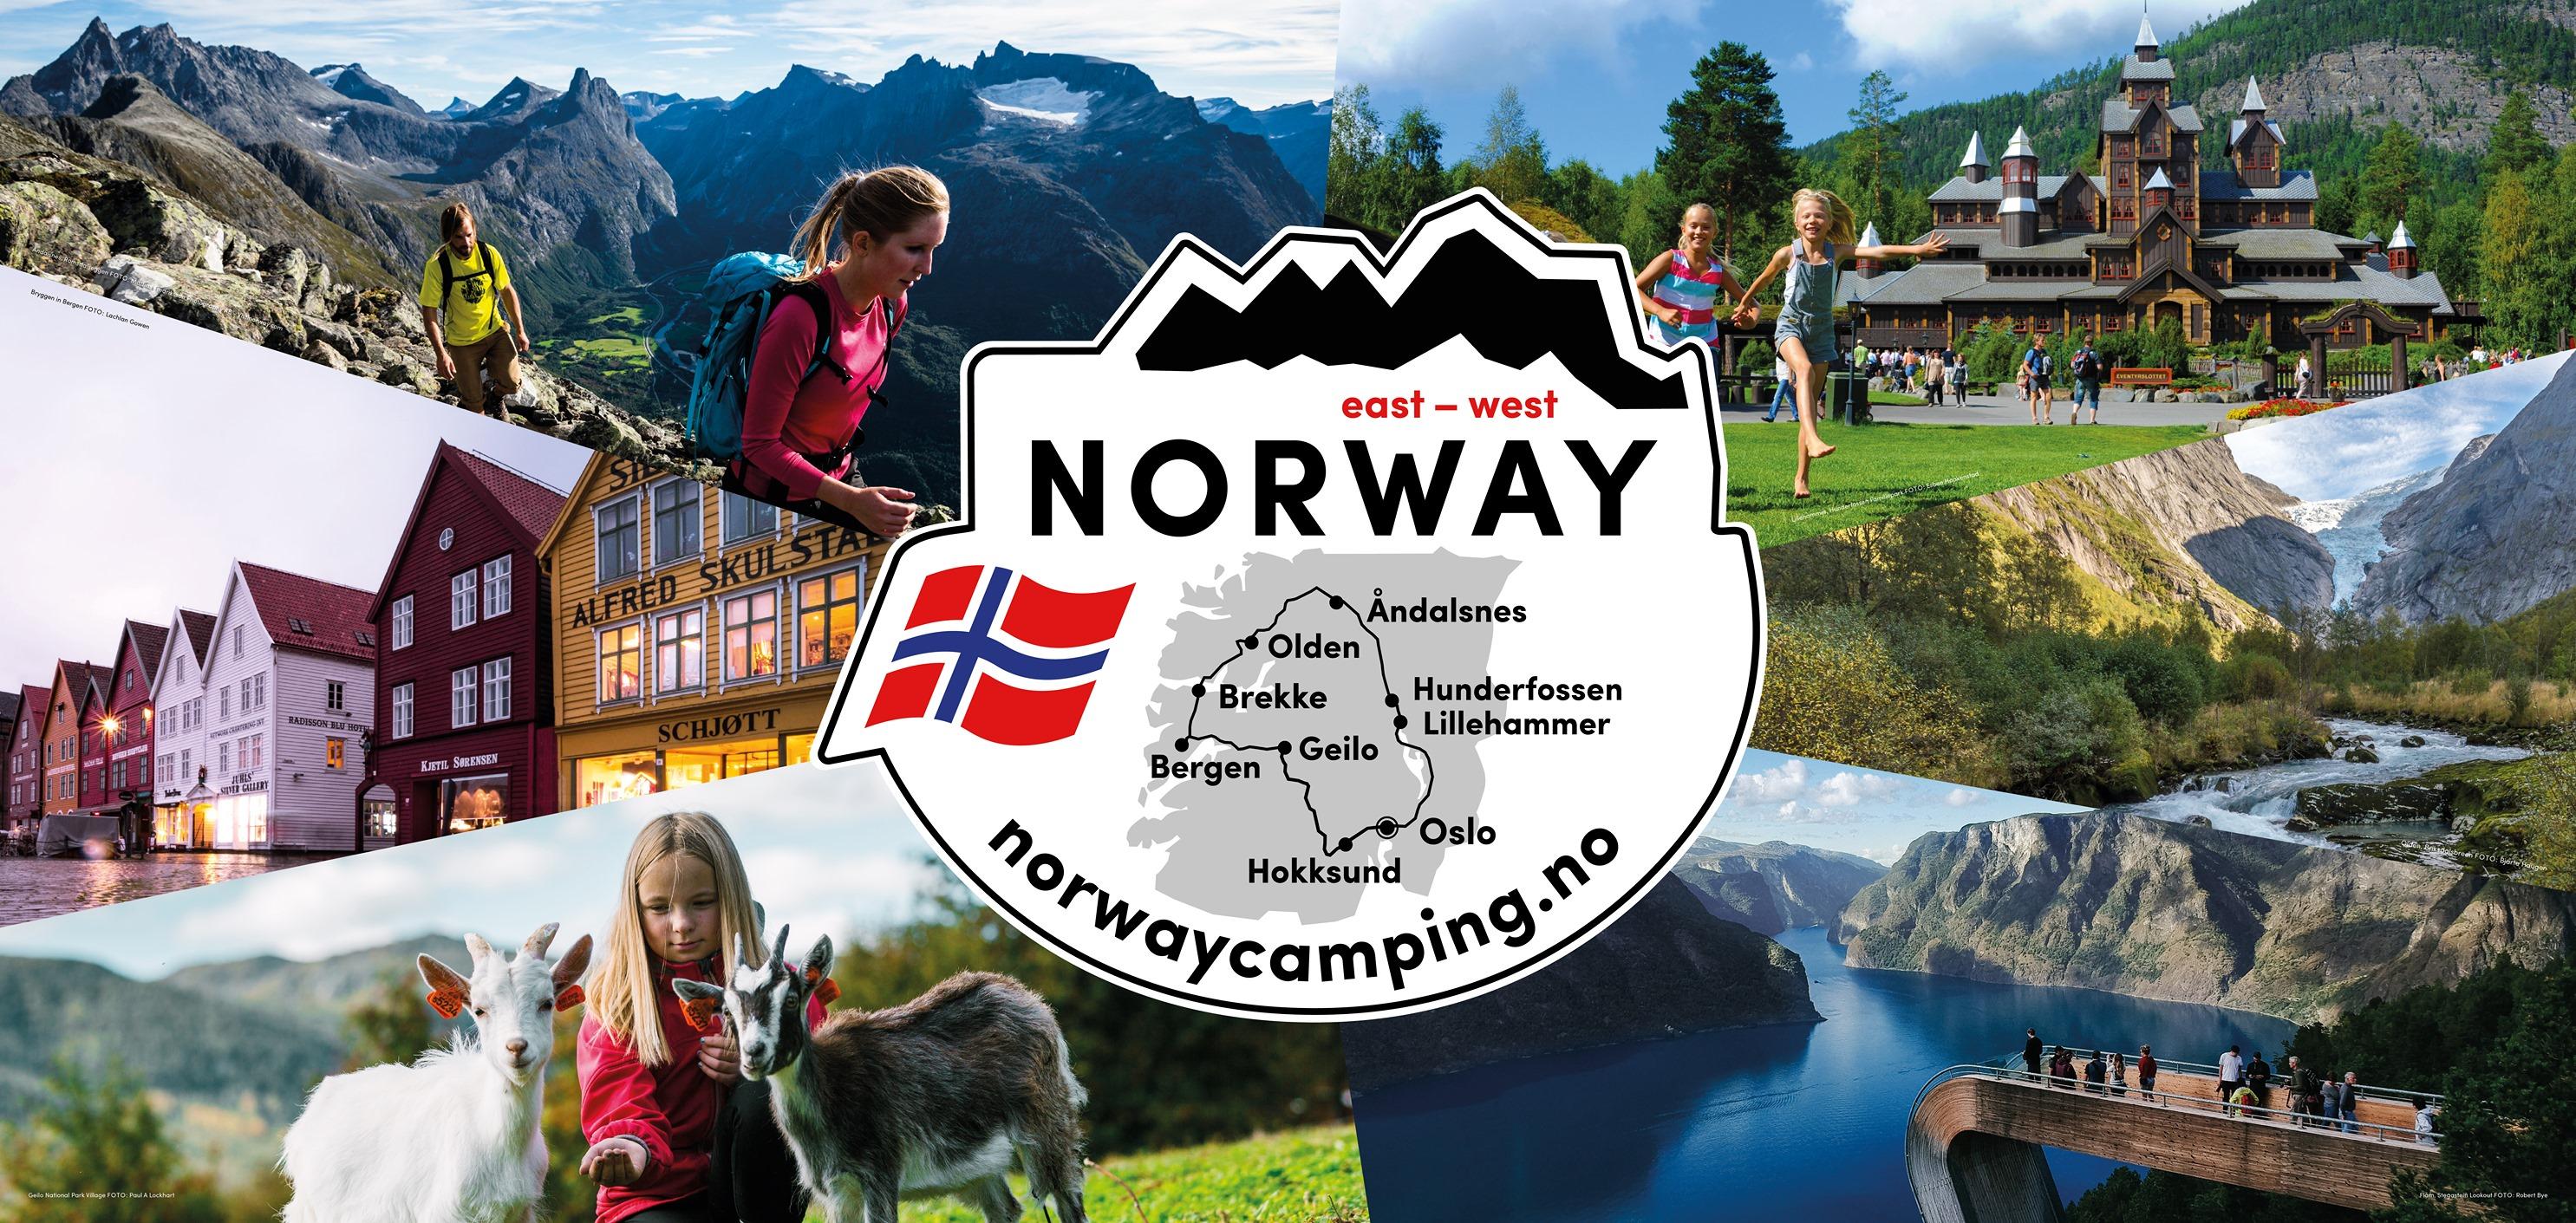 Noorwegen Oost West - logo